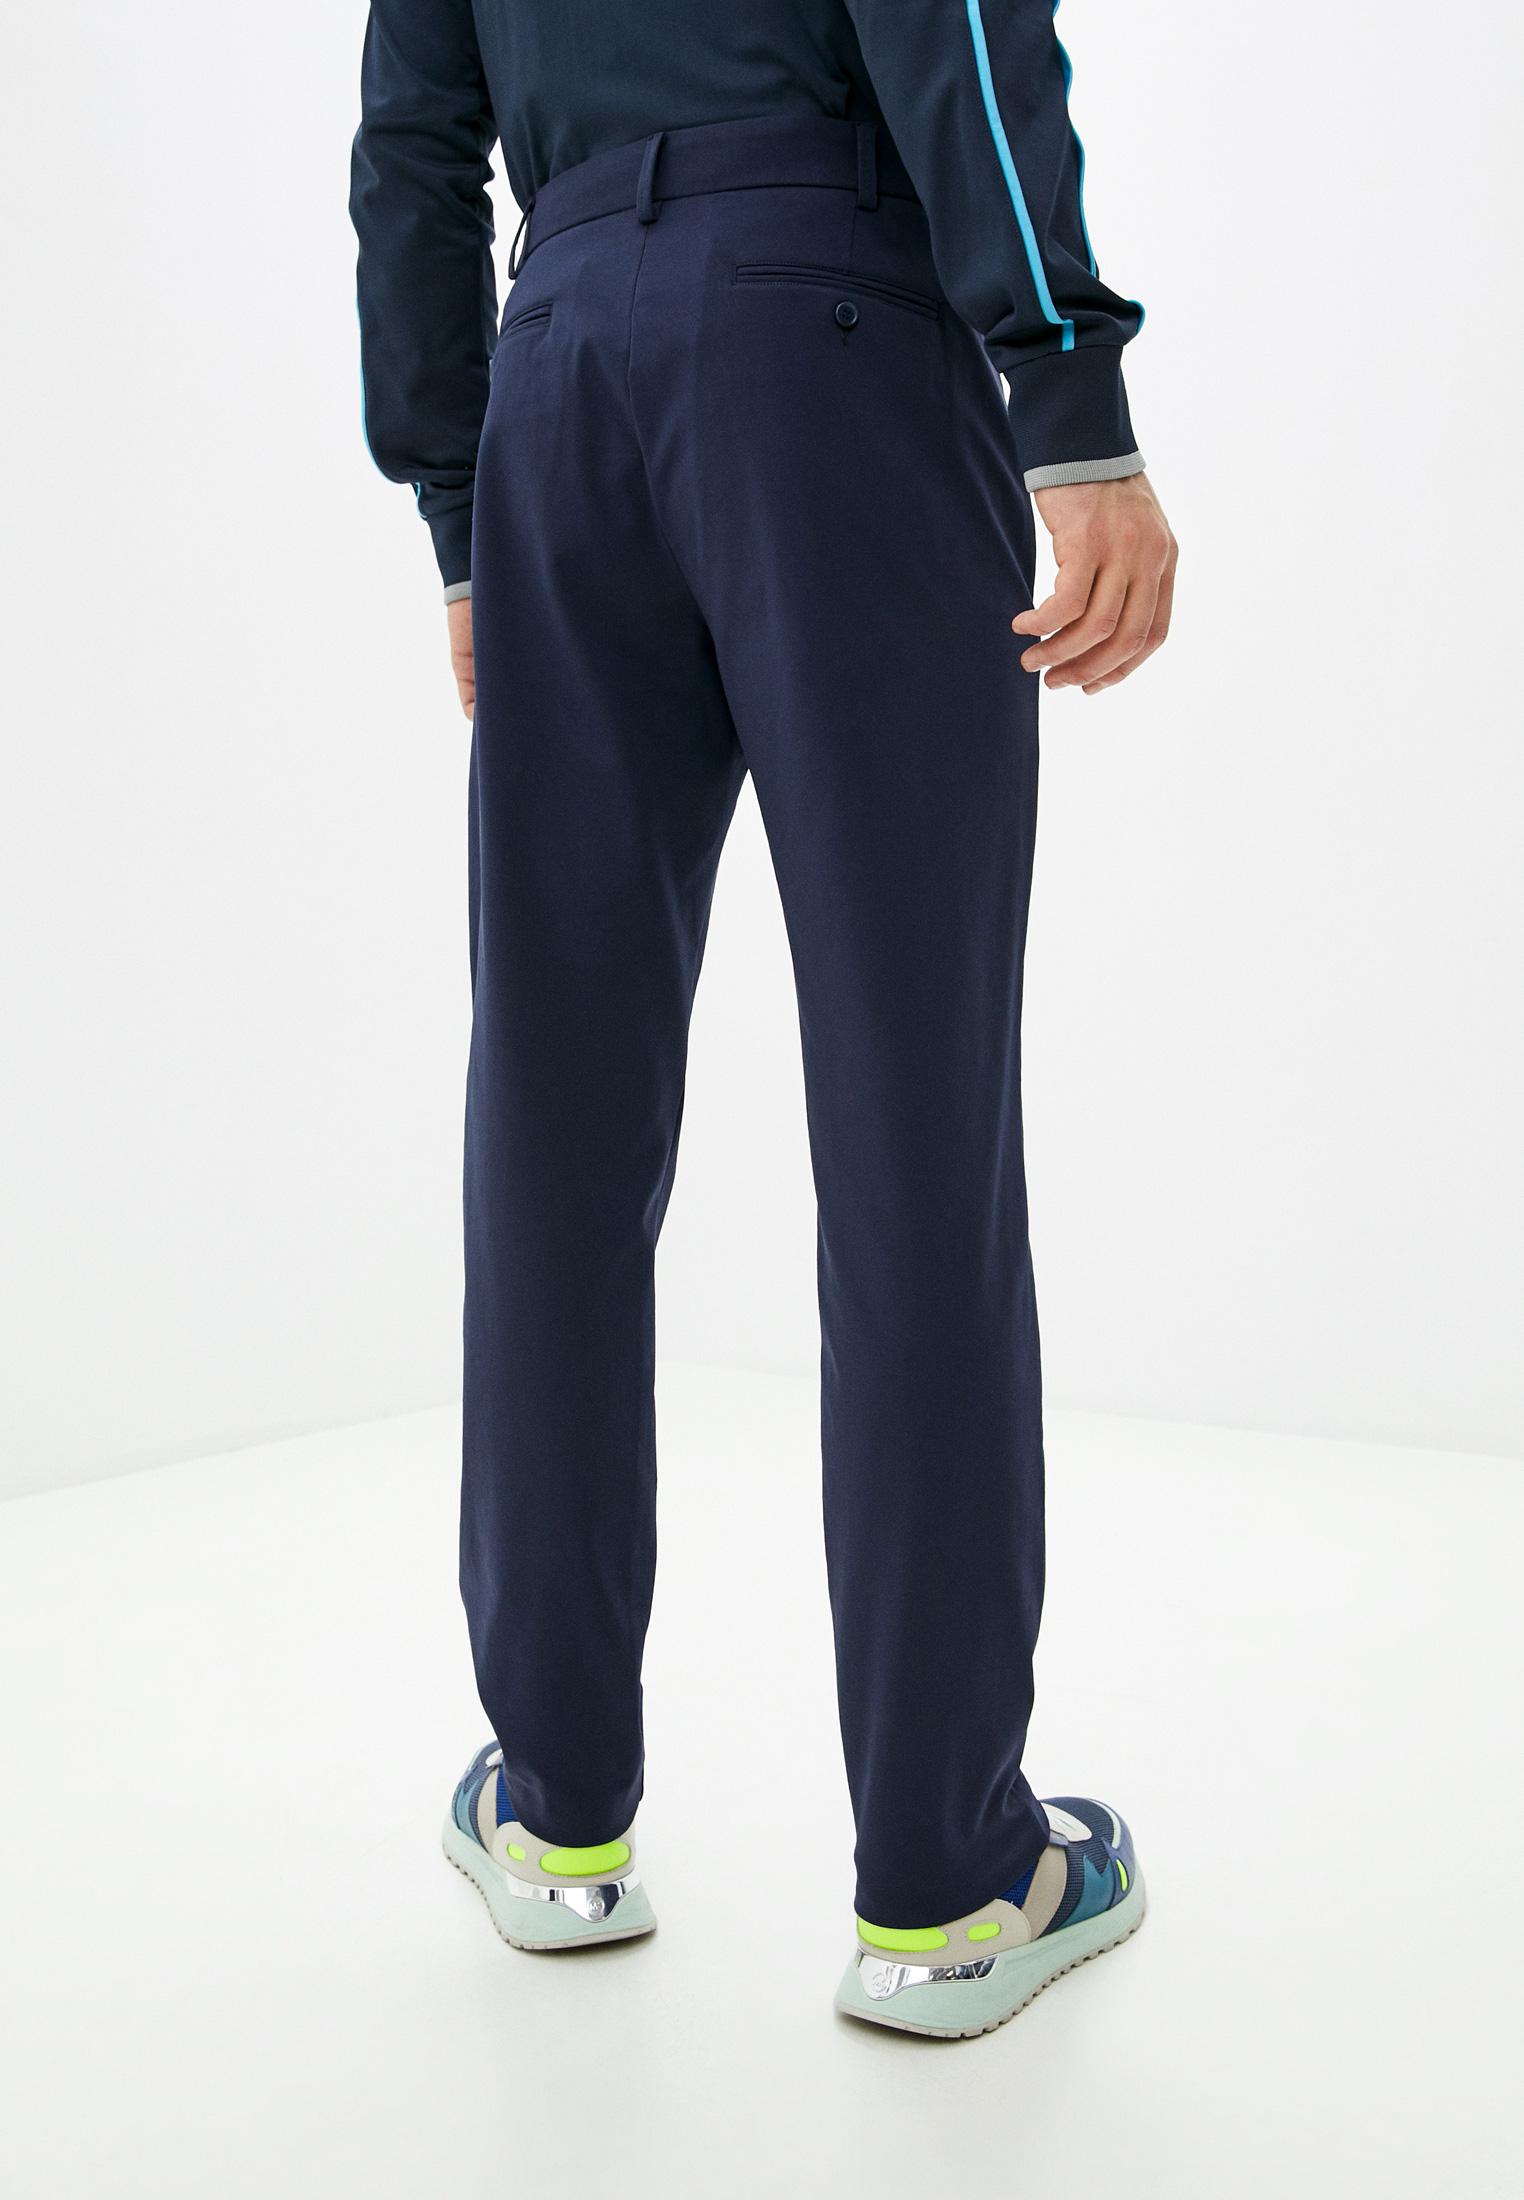 Мужские повседневные брюки Bikkembergs (Биккембергс) C 1 142 00 e 2031: изображение 4